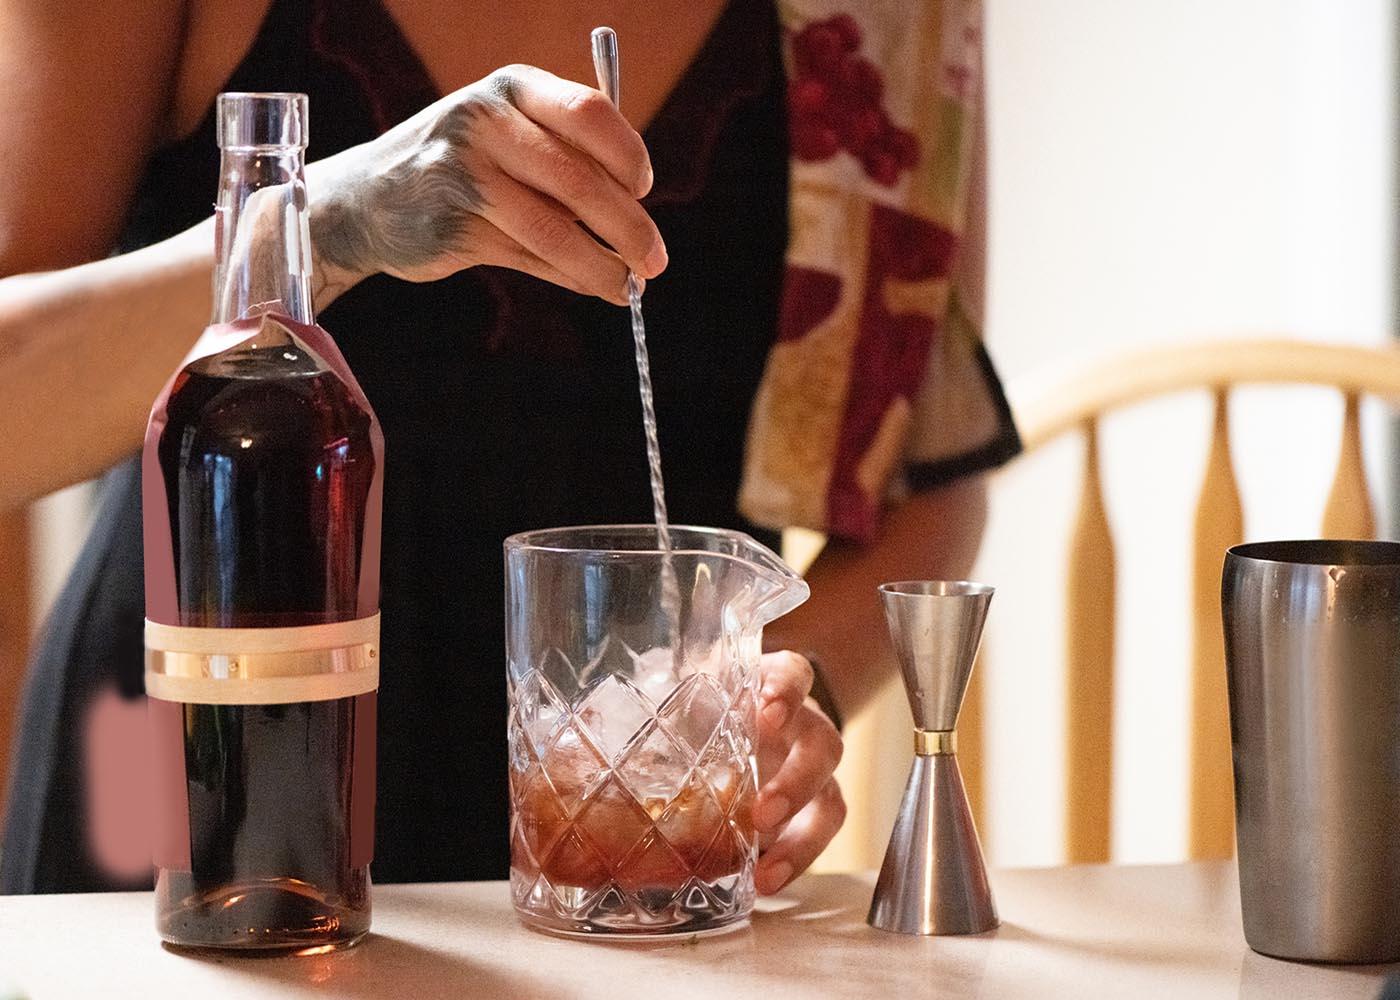 preparar cocktail